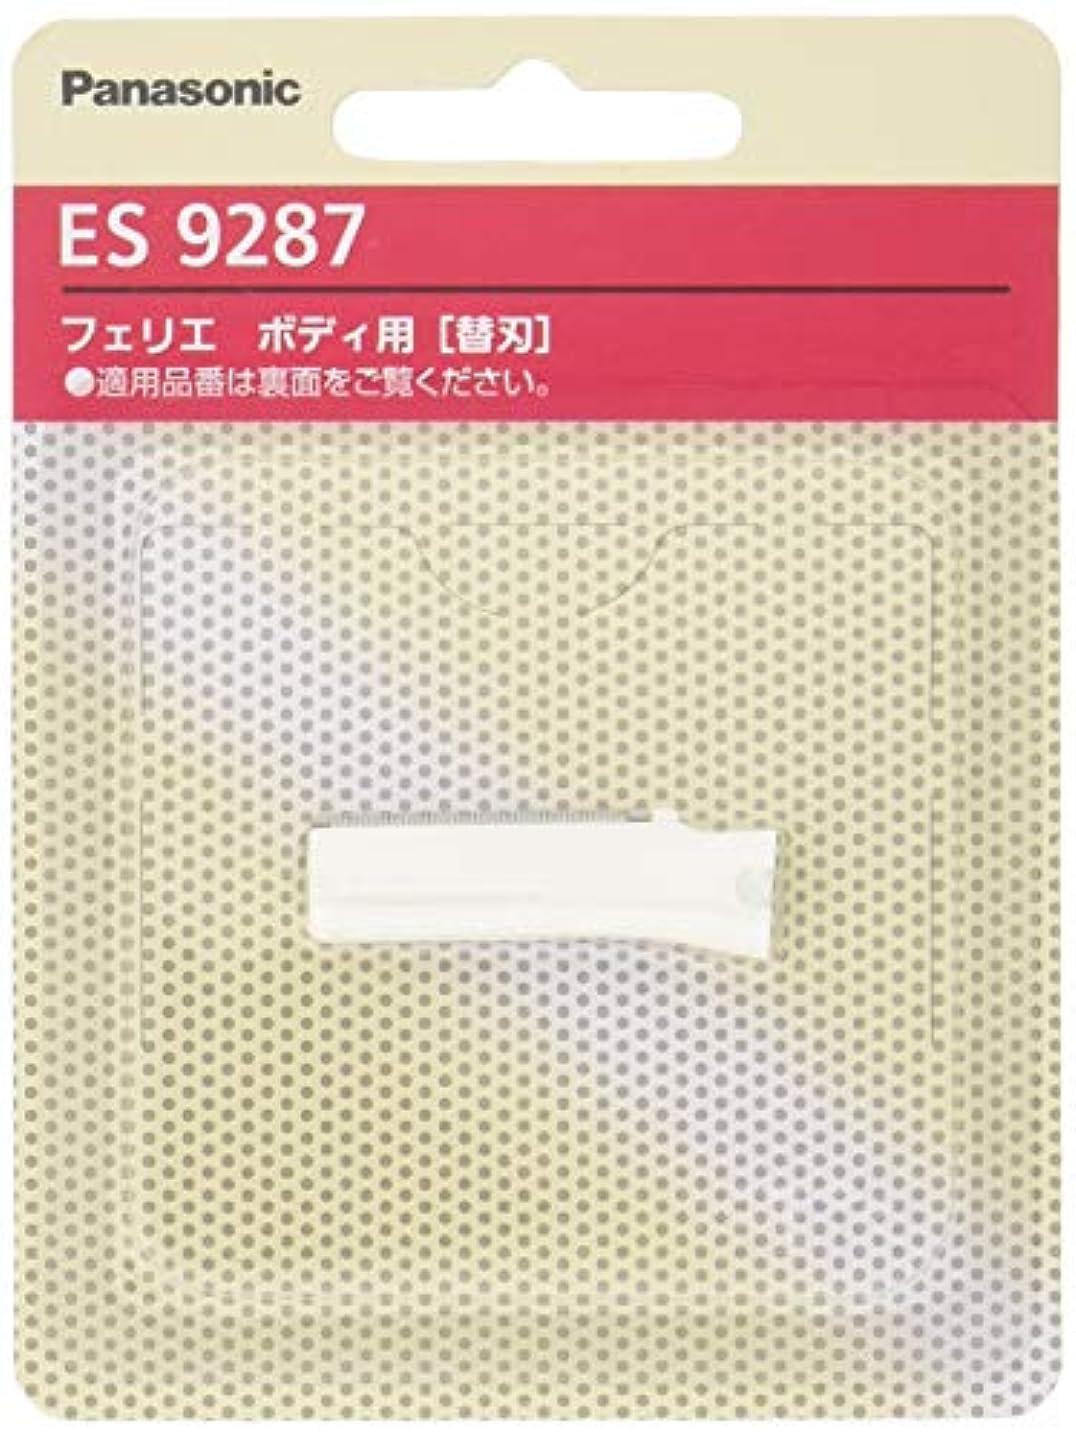 一般的なクリック傑作パナソニック 替刃 フェリエ ボディ用 ES9287